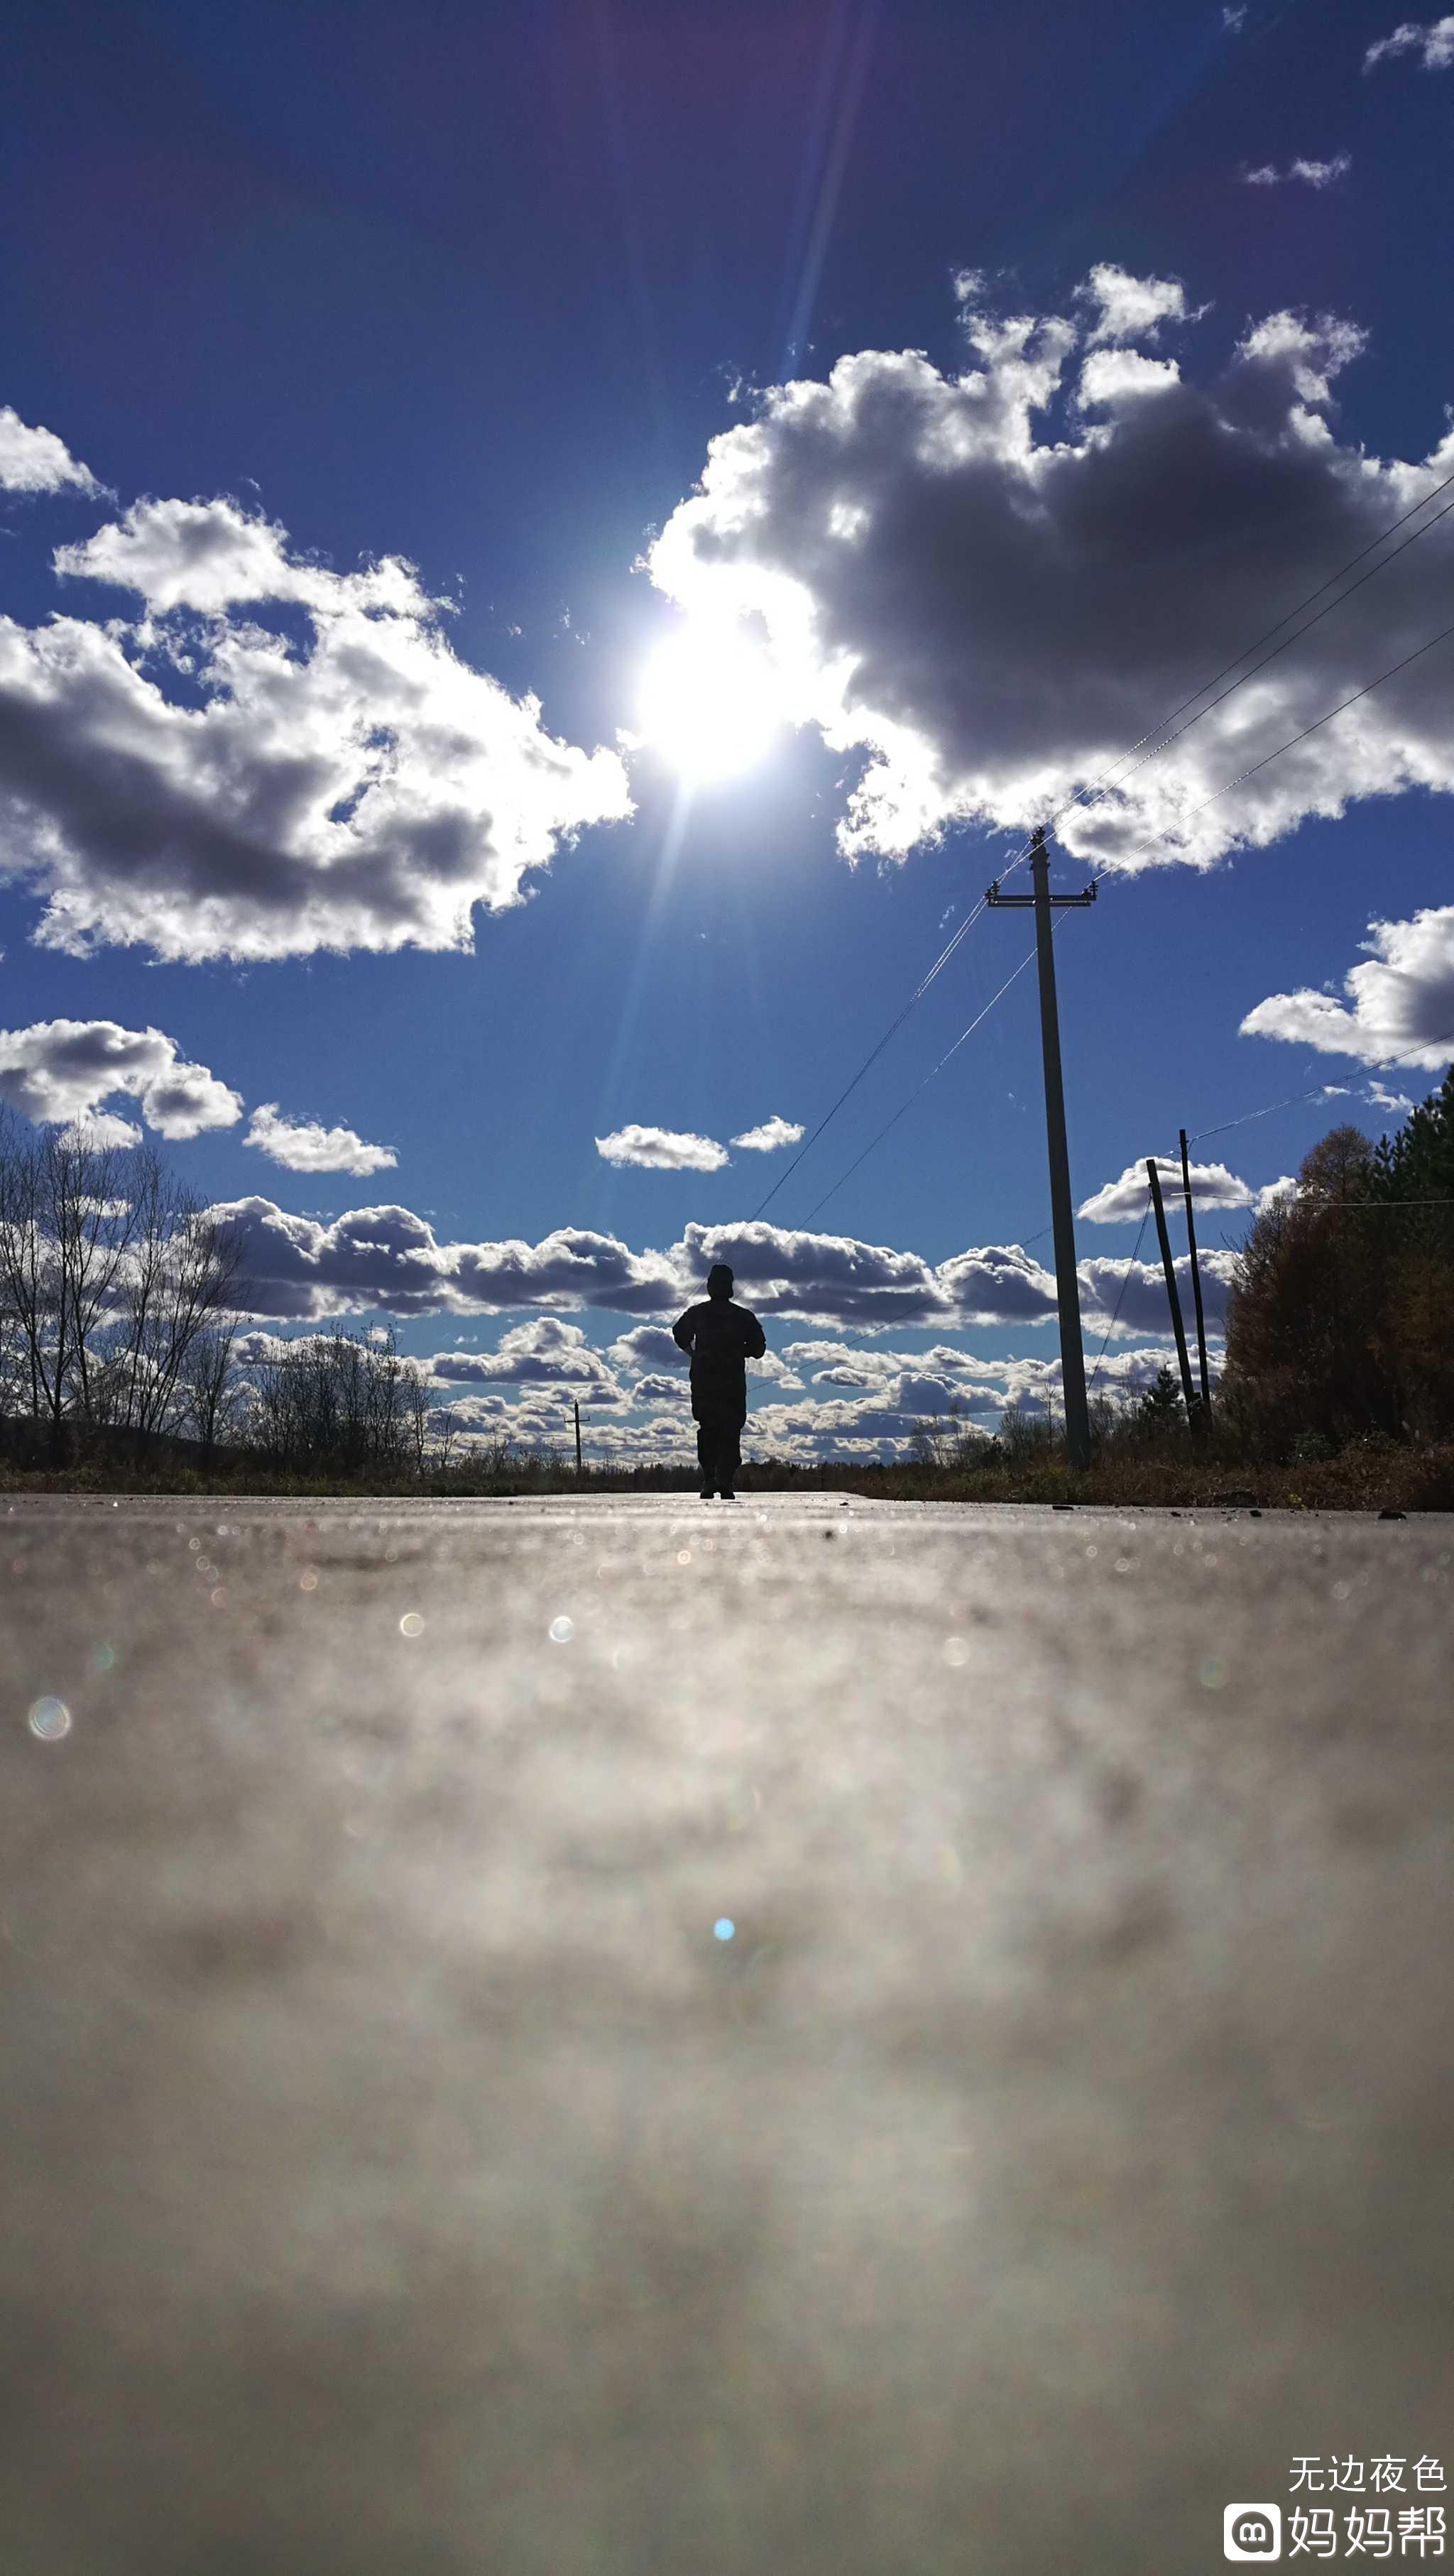 你努力奔跑的样子,是最美的风景!